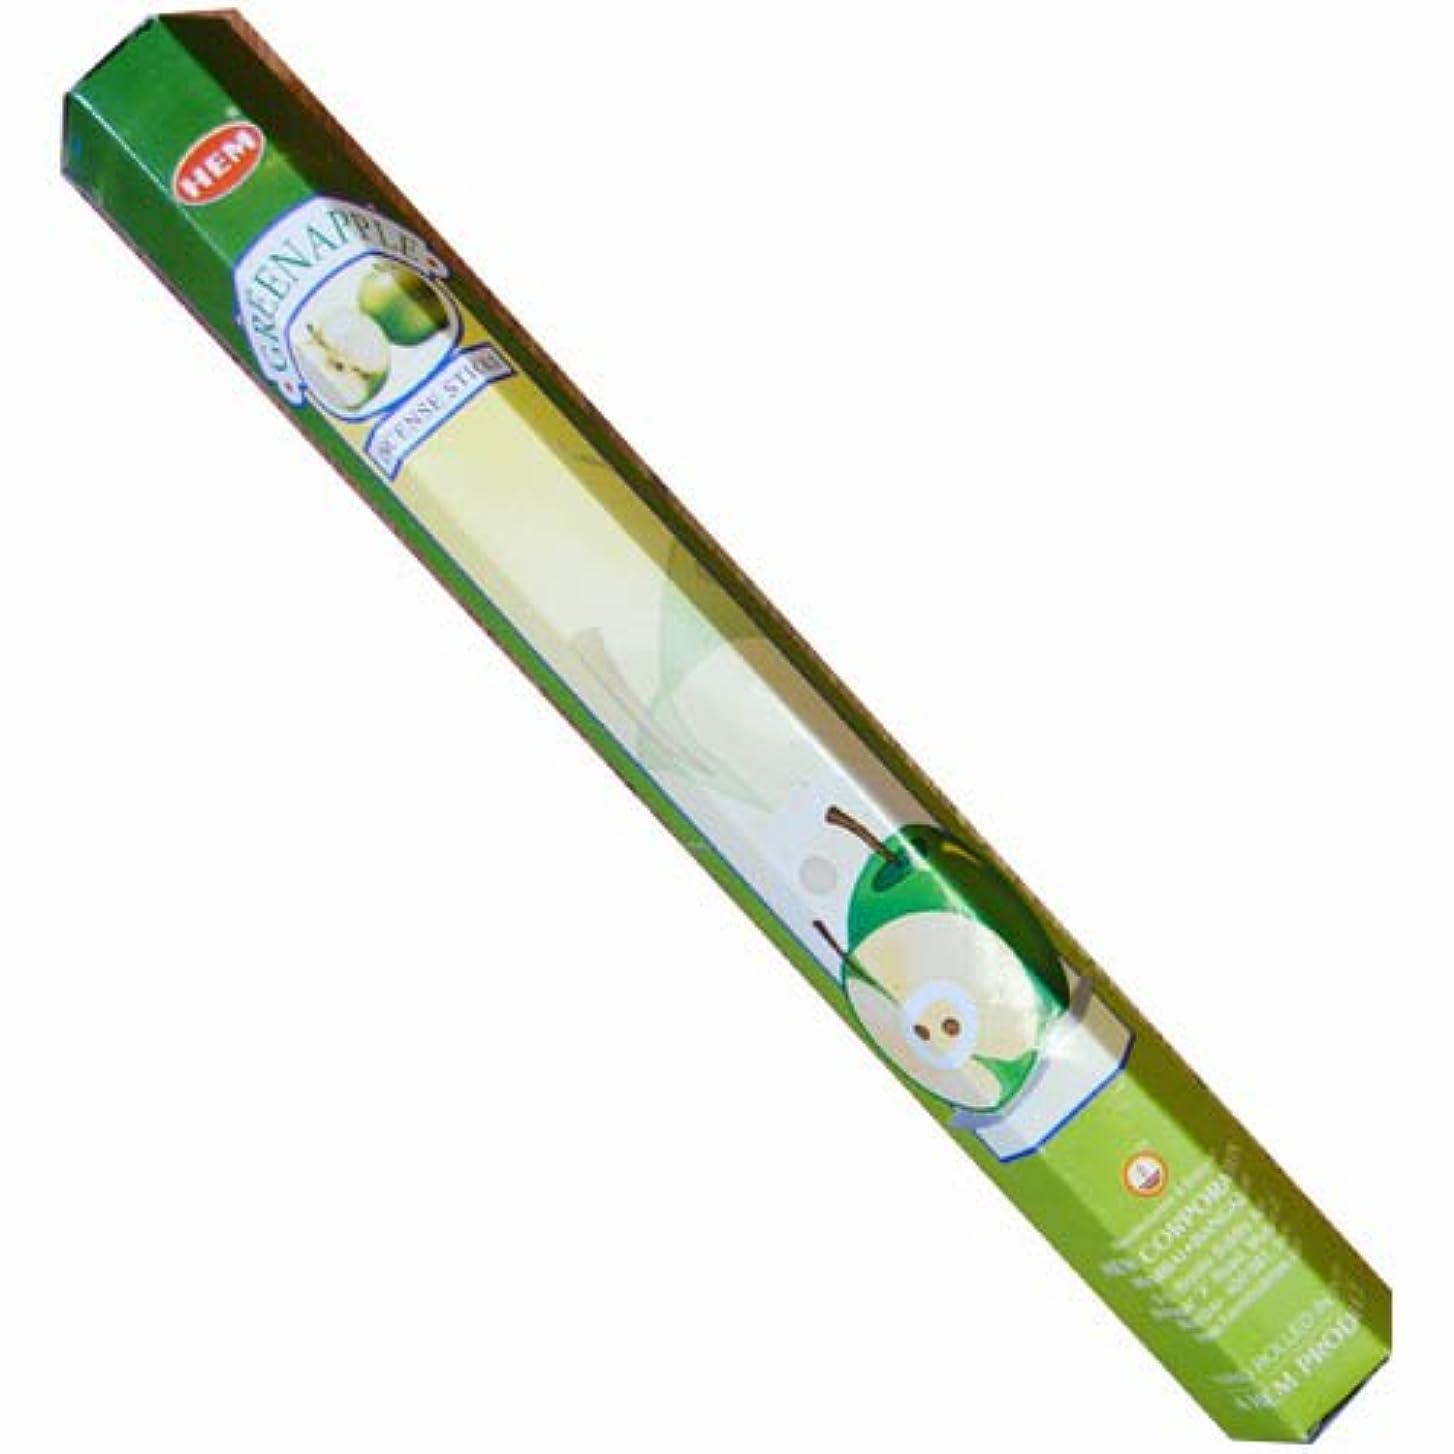 思春期の補足例示する【AROMA】スティックお香/インセンス/六角香:グリーンアップル(HEM社)